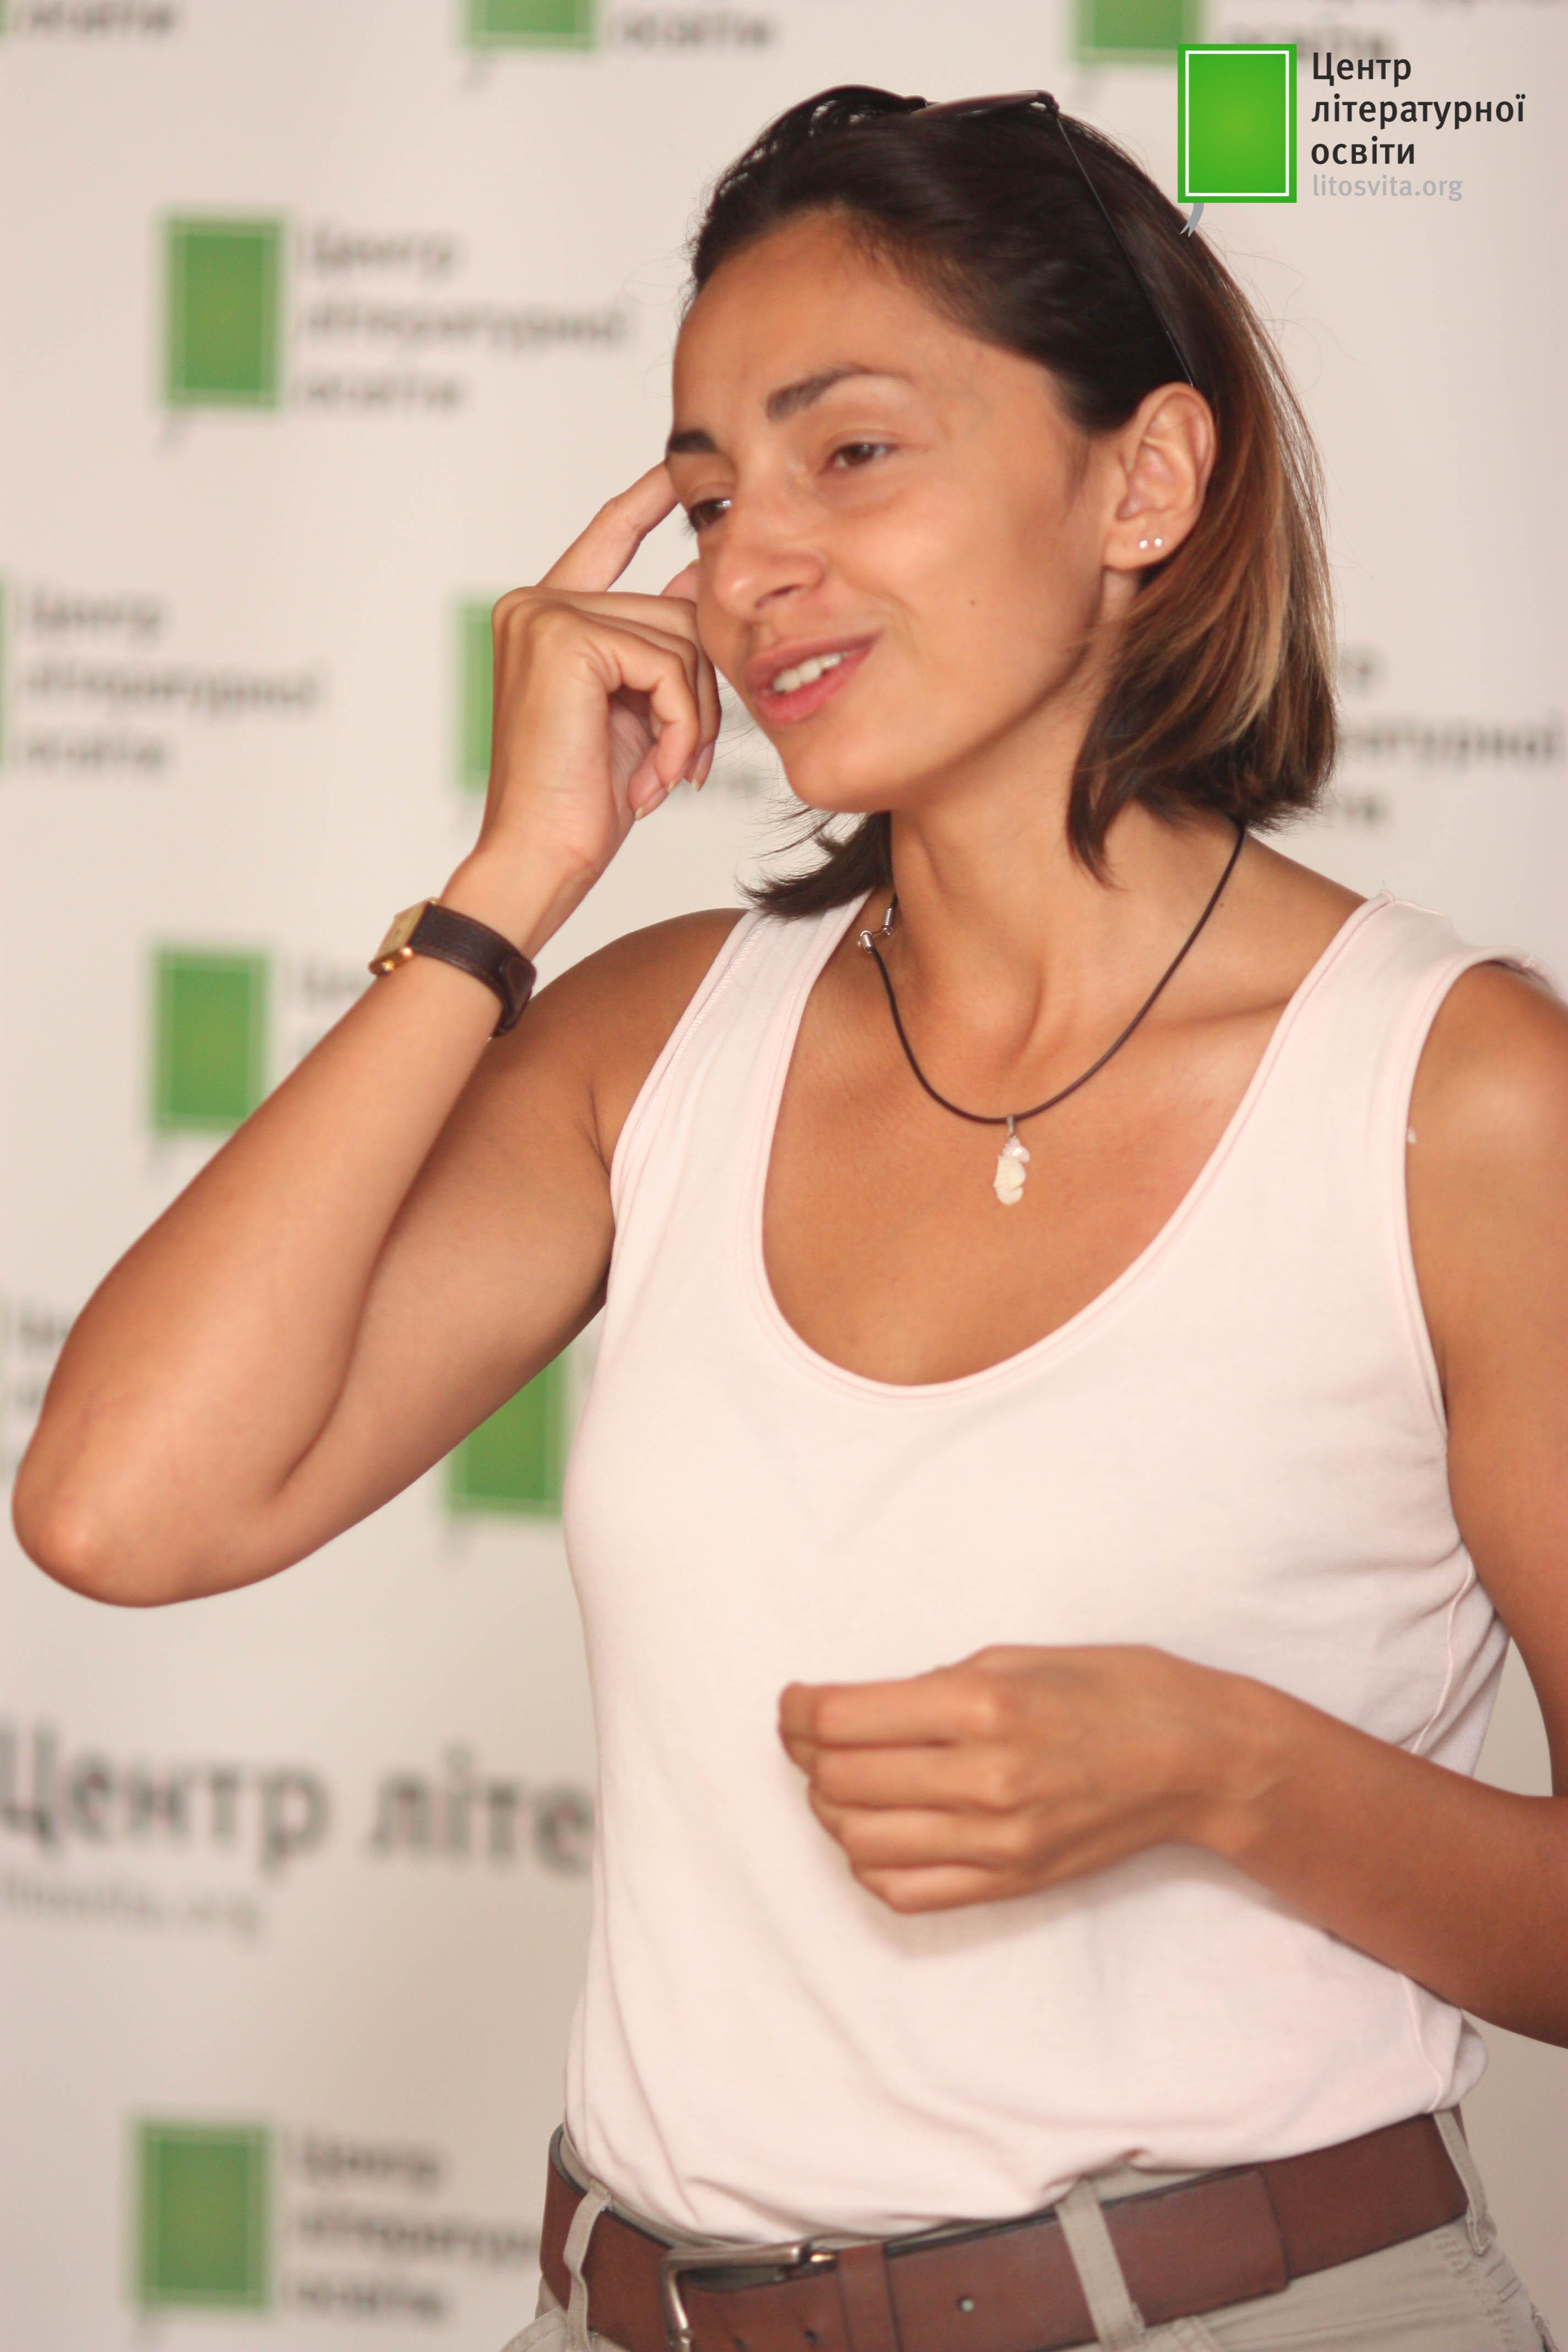 Ірина Вікирчак